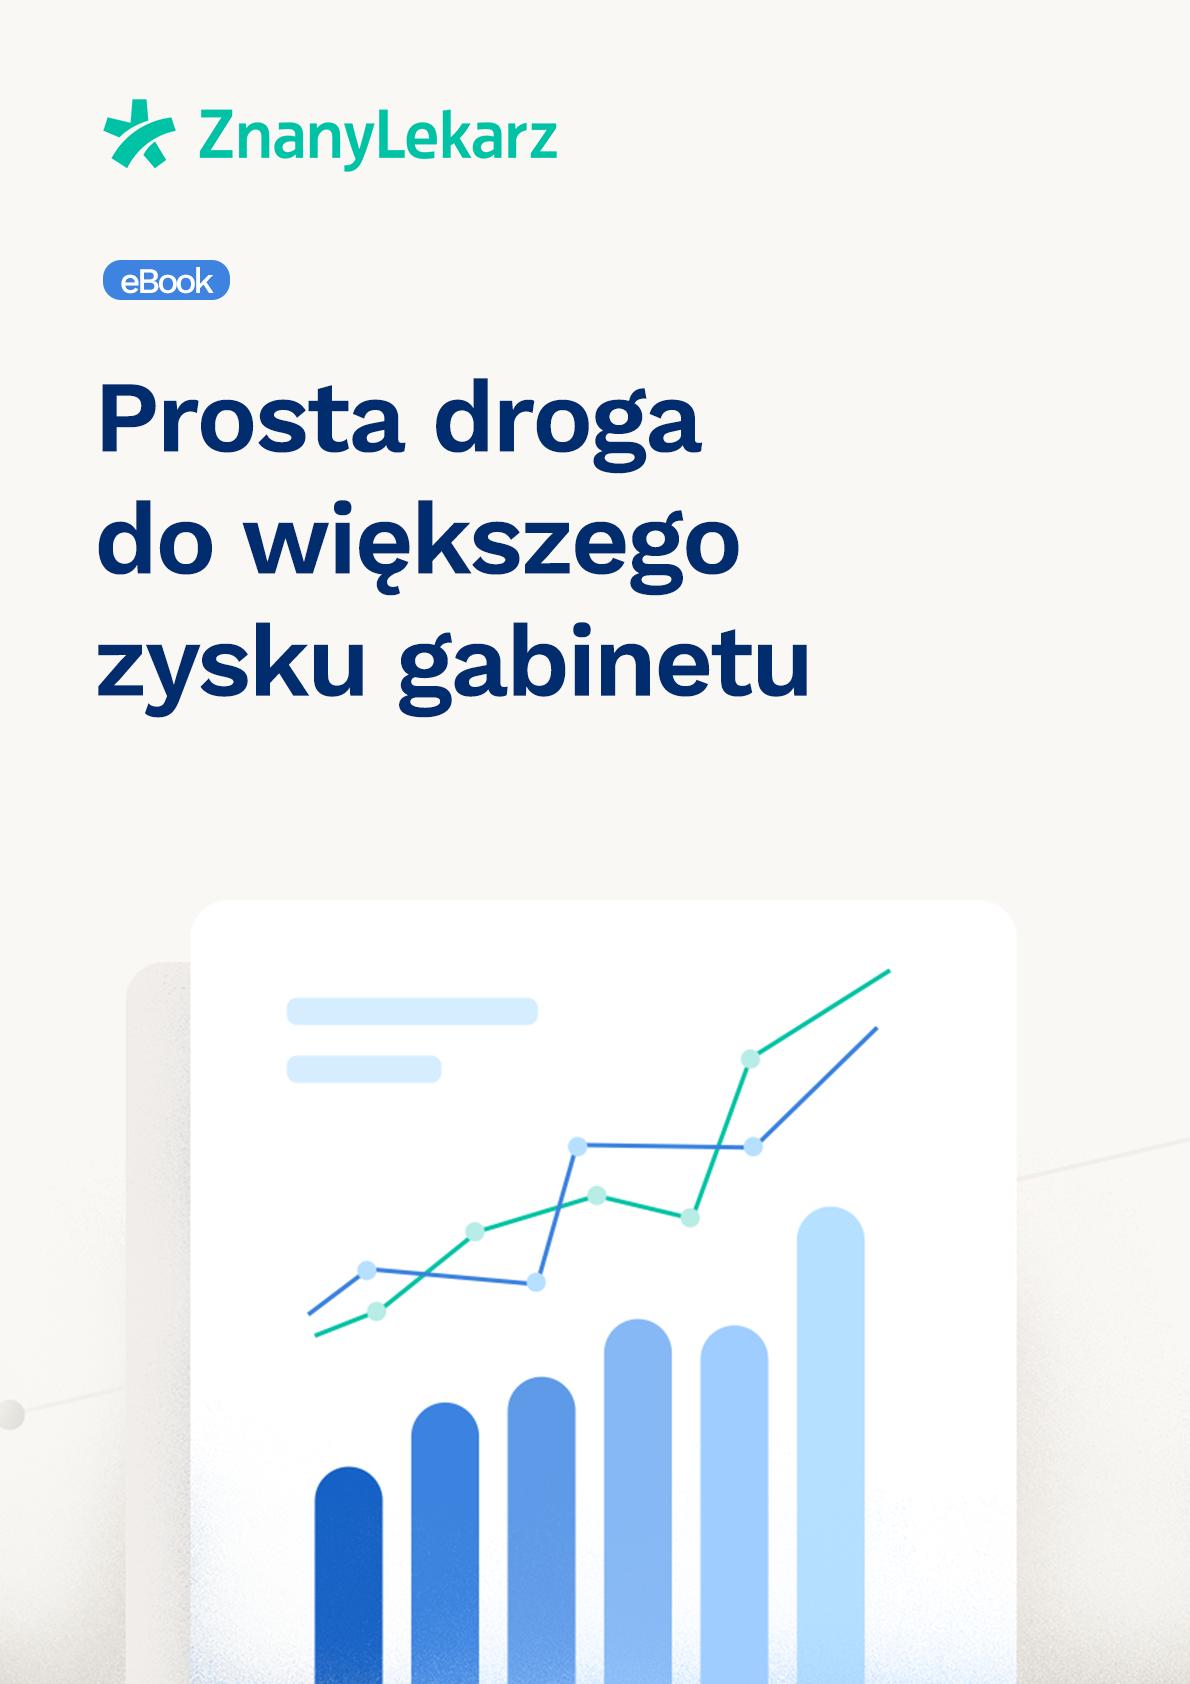 pl-ebook-cover-prosta-droga-do-wiekszego-zysku-gabinetu